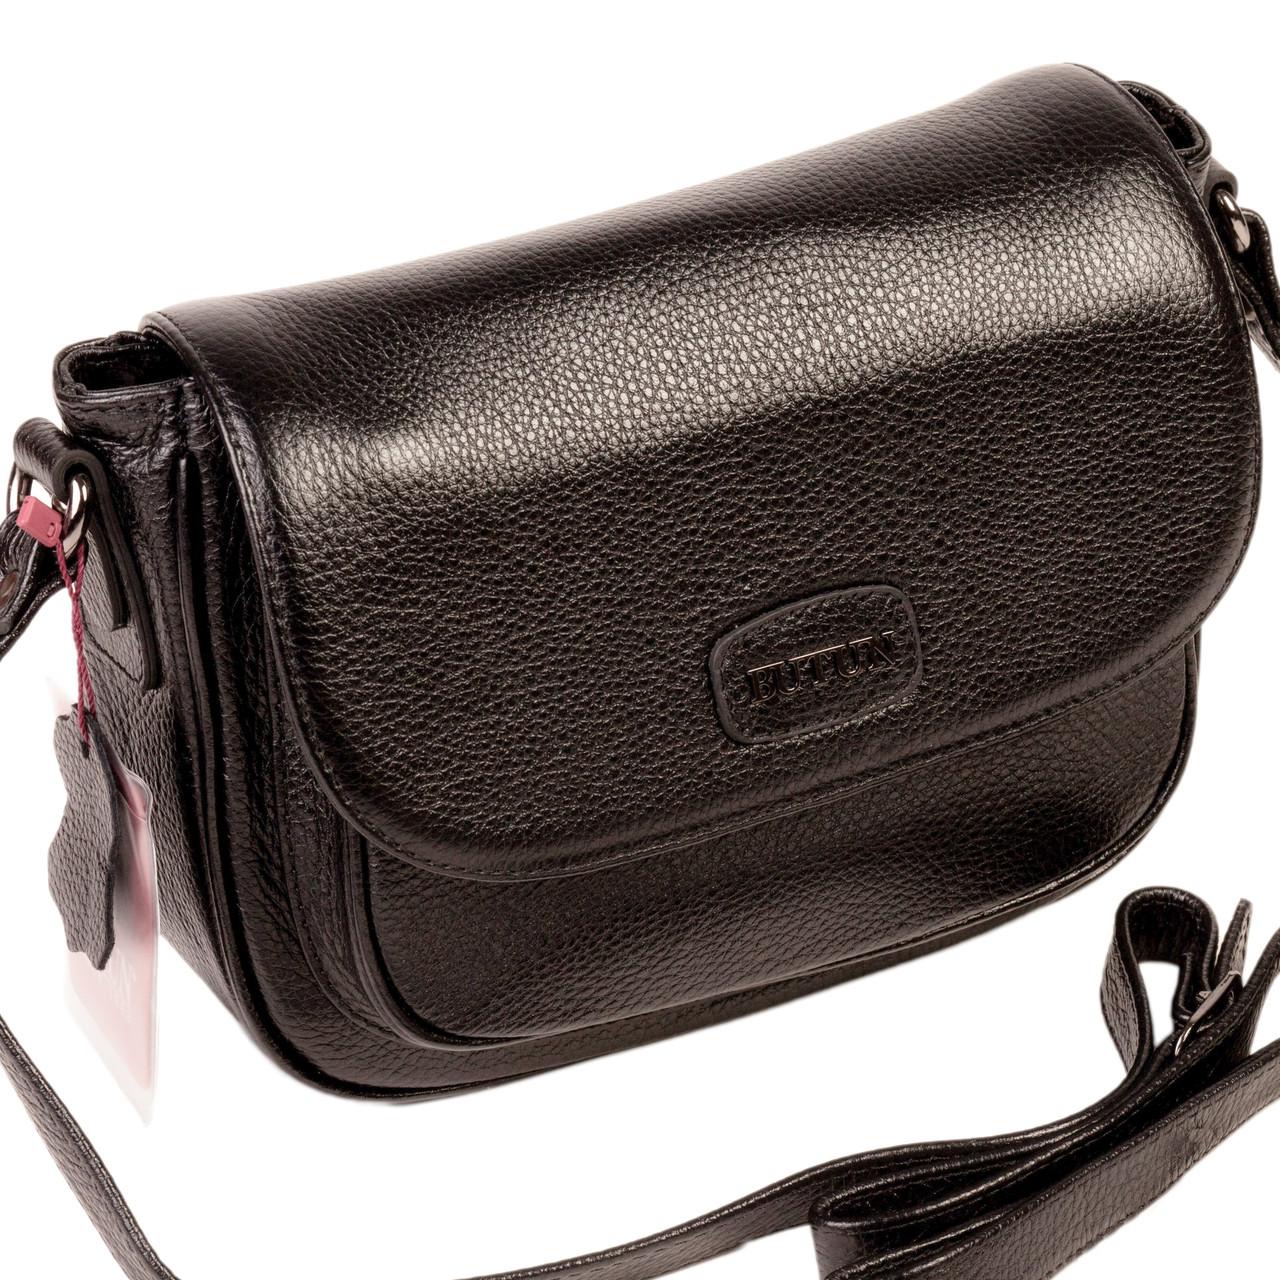 Женская сумка кожаная BUTUN 3100-004-001 кросс-боди черная